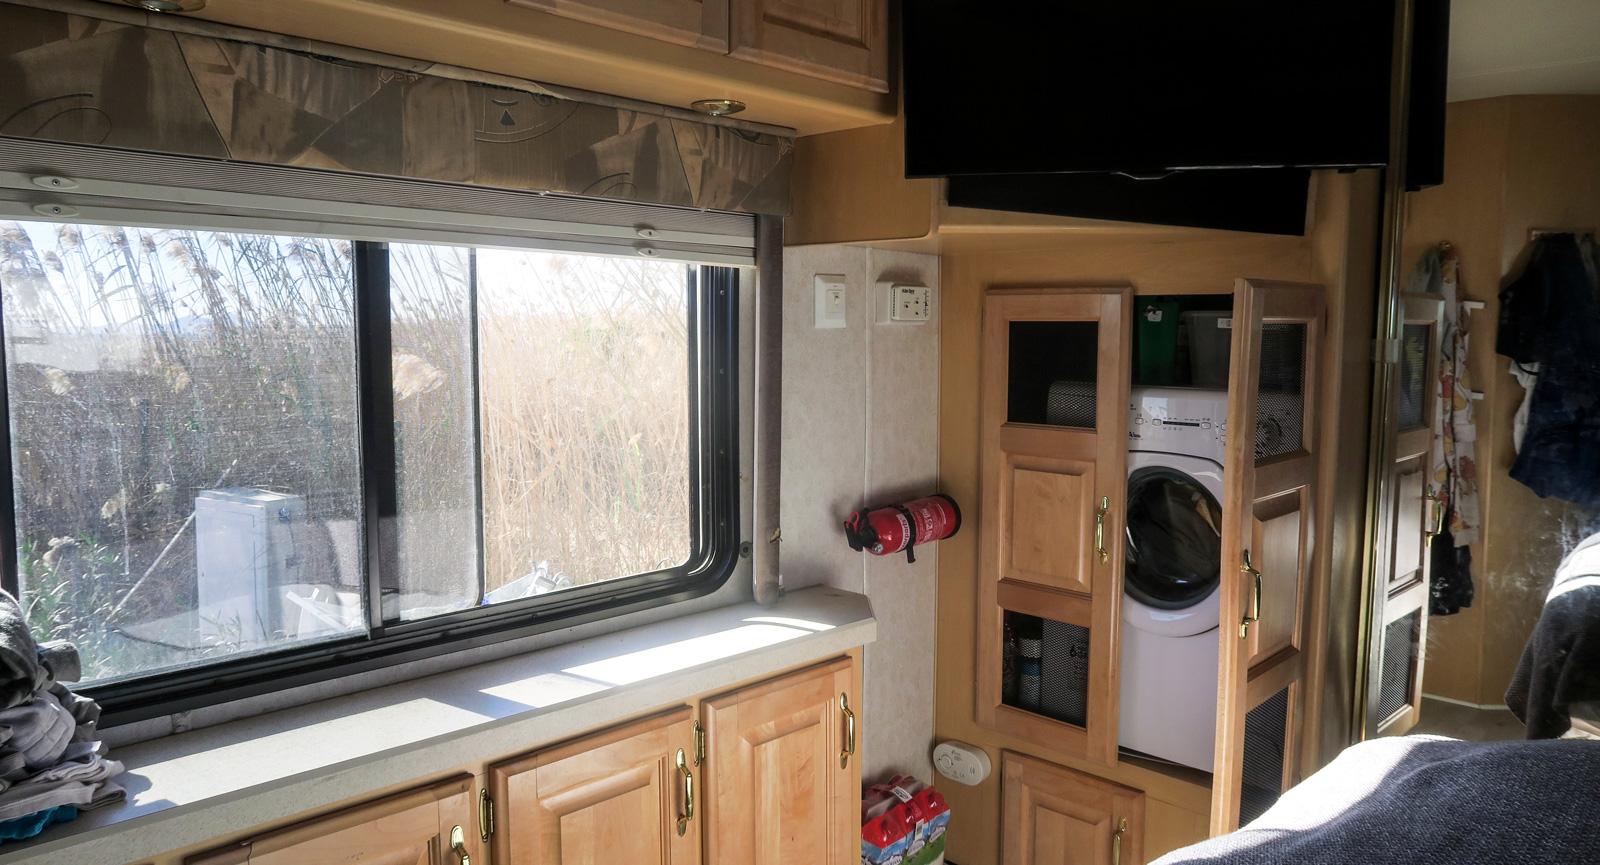 I sovrummet finns tvättmaskinen gömd i ett skåp. Perfekt med egen maskin när småbarn är med på resan.